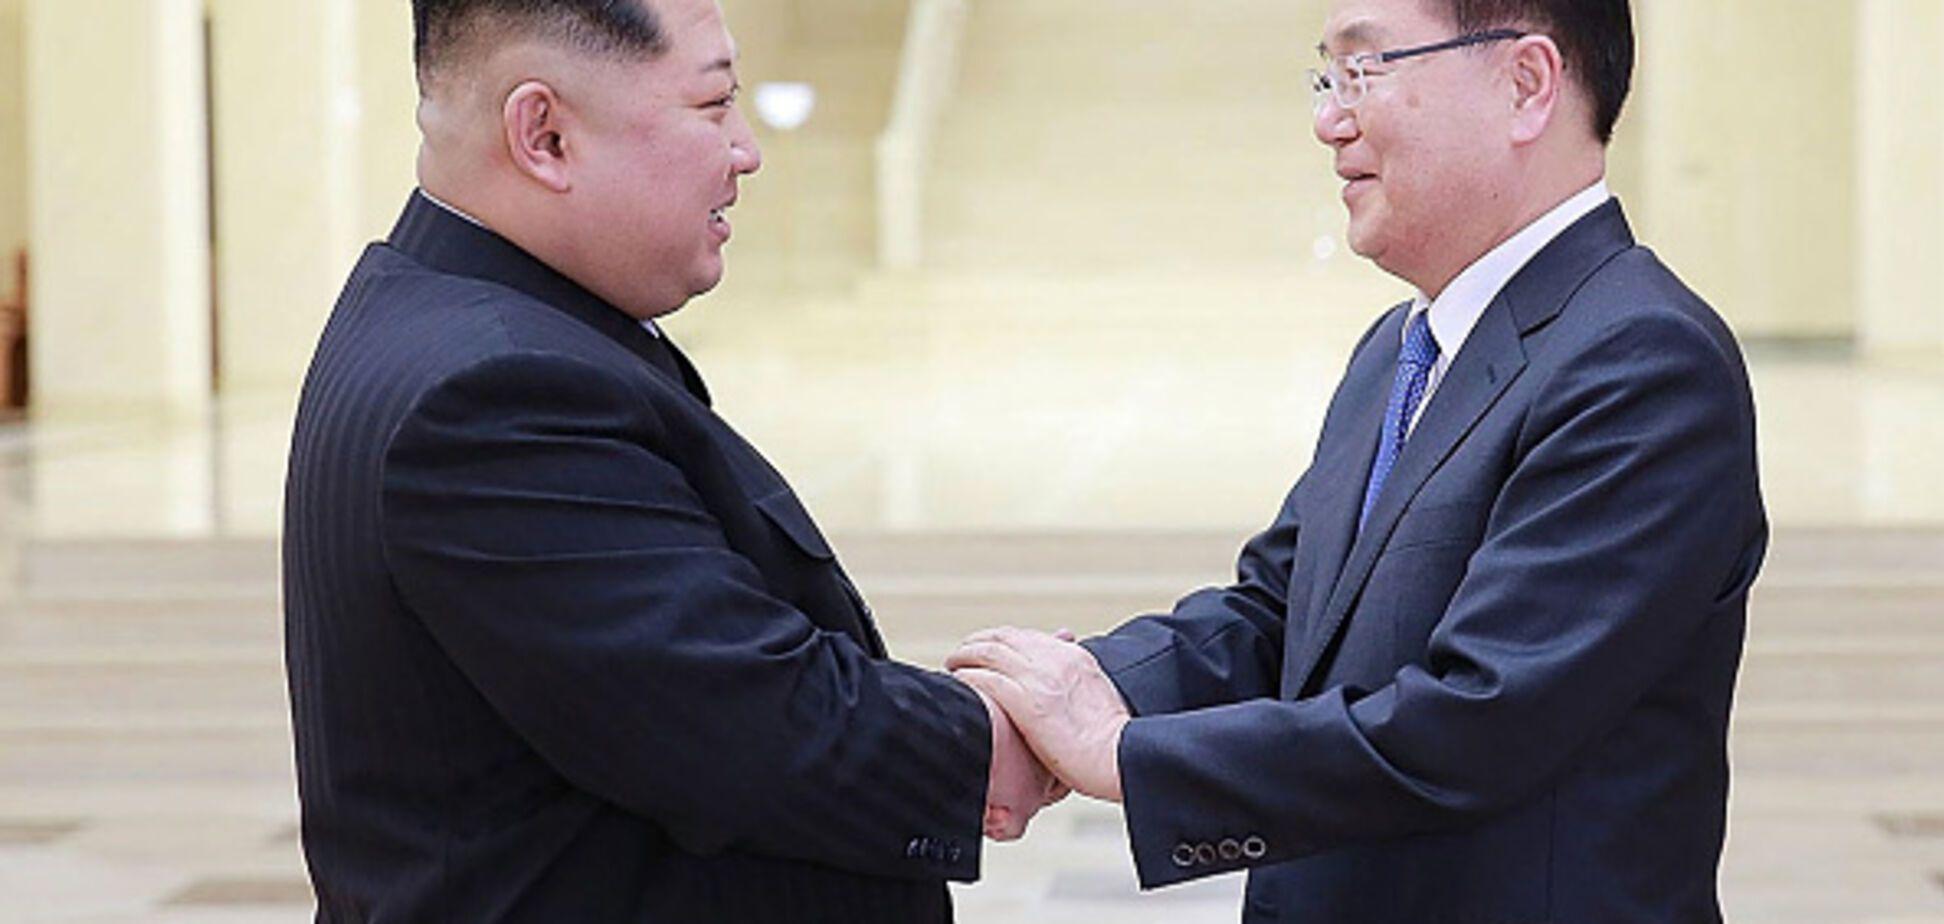 Договорились: Ким Чен Ын заявил о готовности отказаться от ядерного оружия